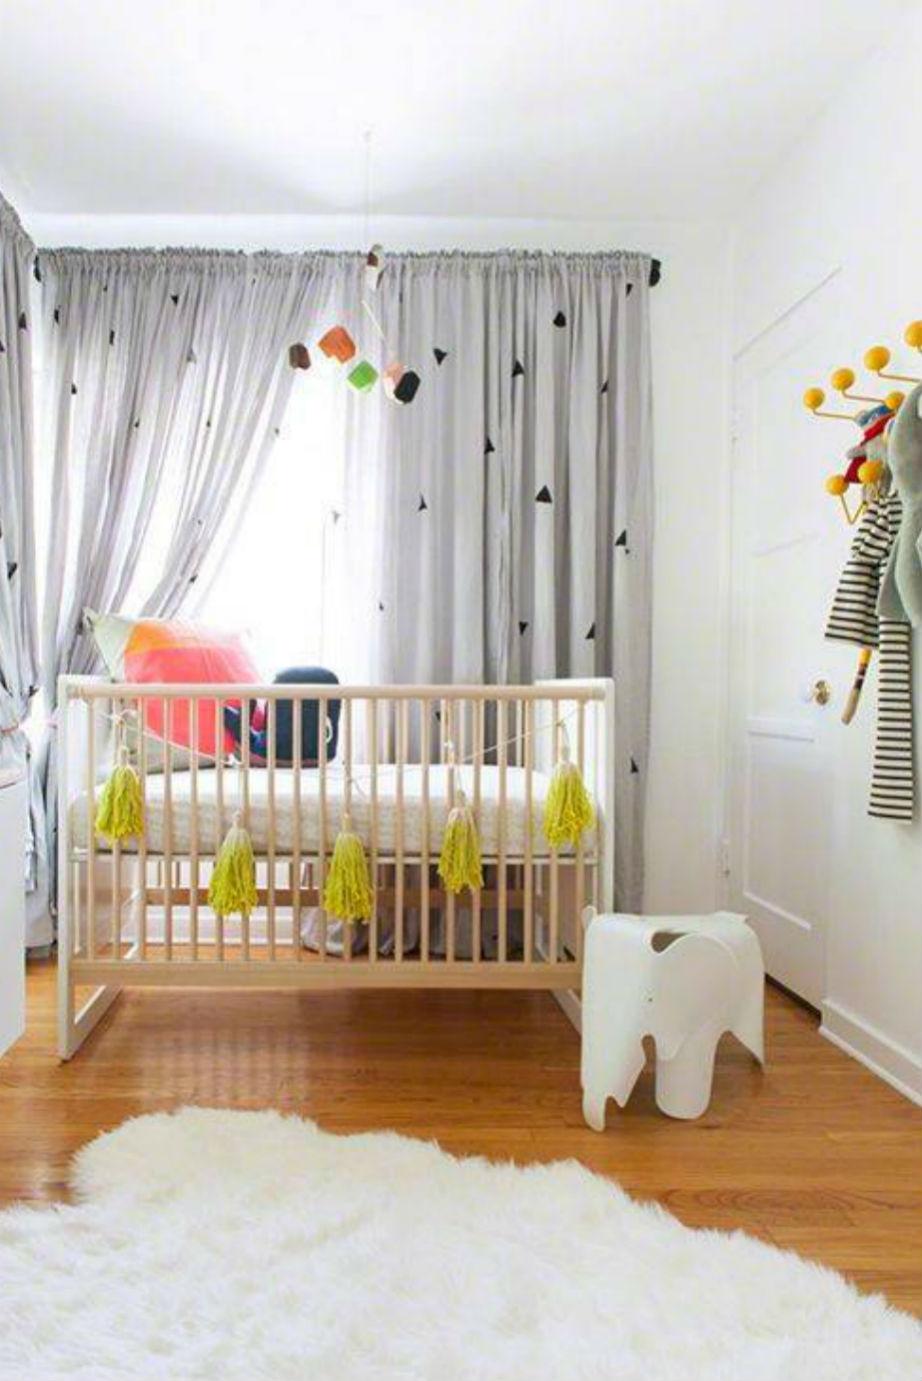 Οι νέον πινελιές θα απογειώσουν το δωμάτιο το μικρού σας.